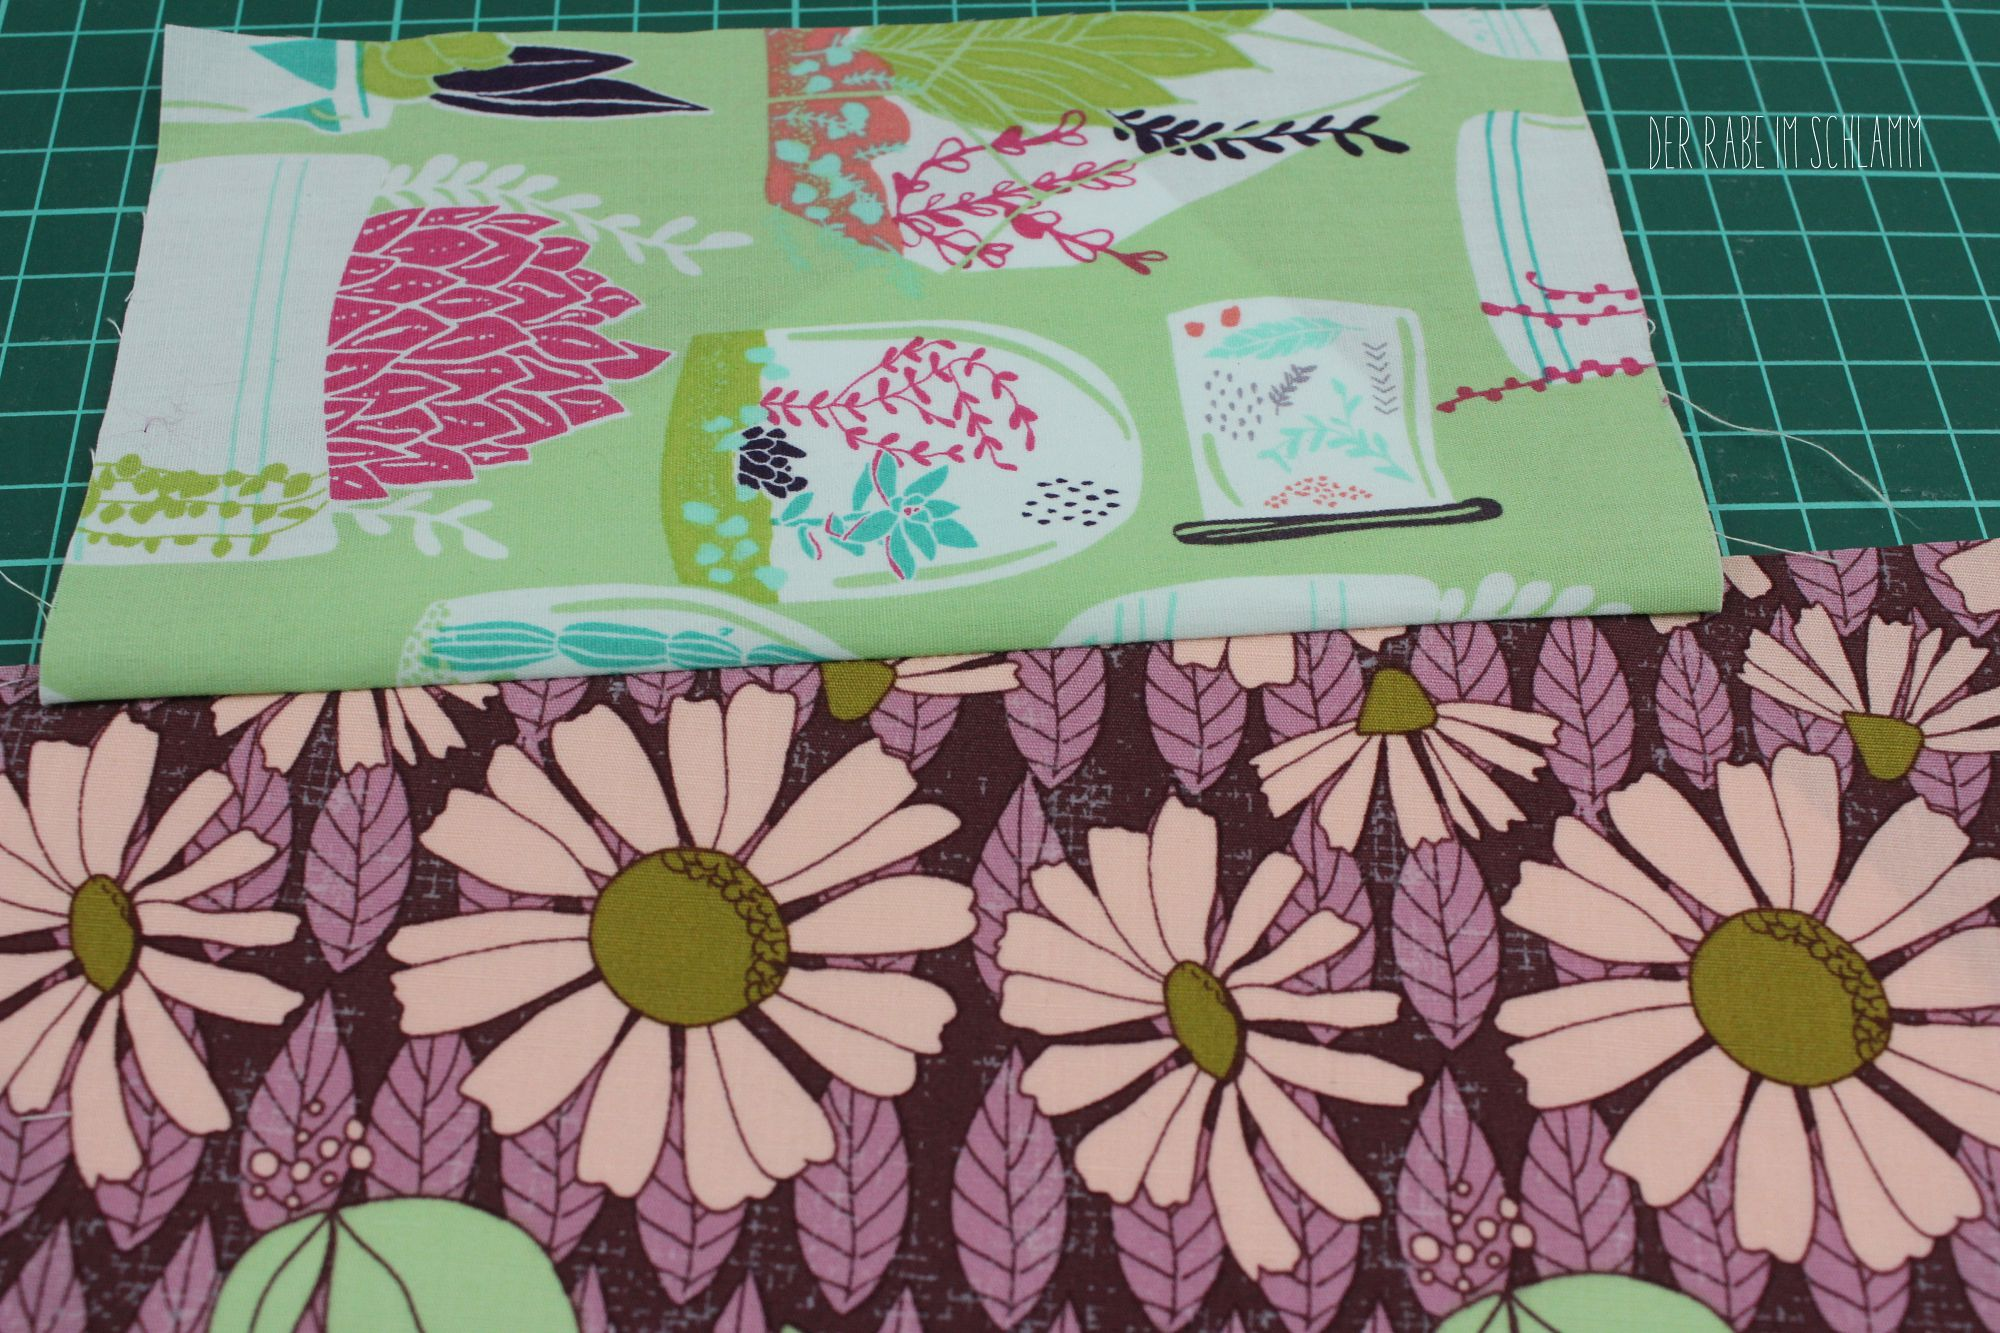 Der Rabe im Schlamm, Tutorial, Anleitung, Nähen, FPP, Foundation Paper Piecing, Tischläufer, Succulence Fabric, Quilt